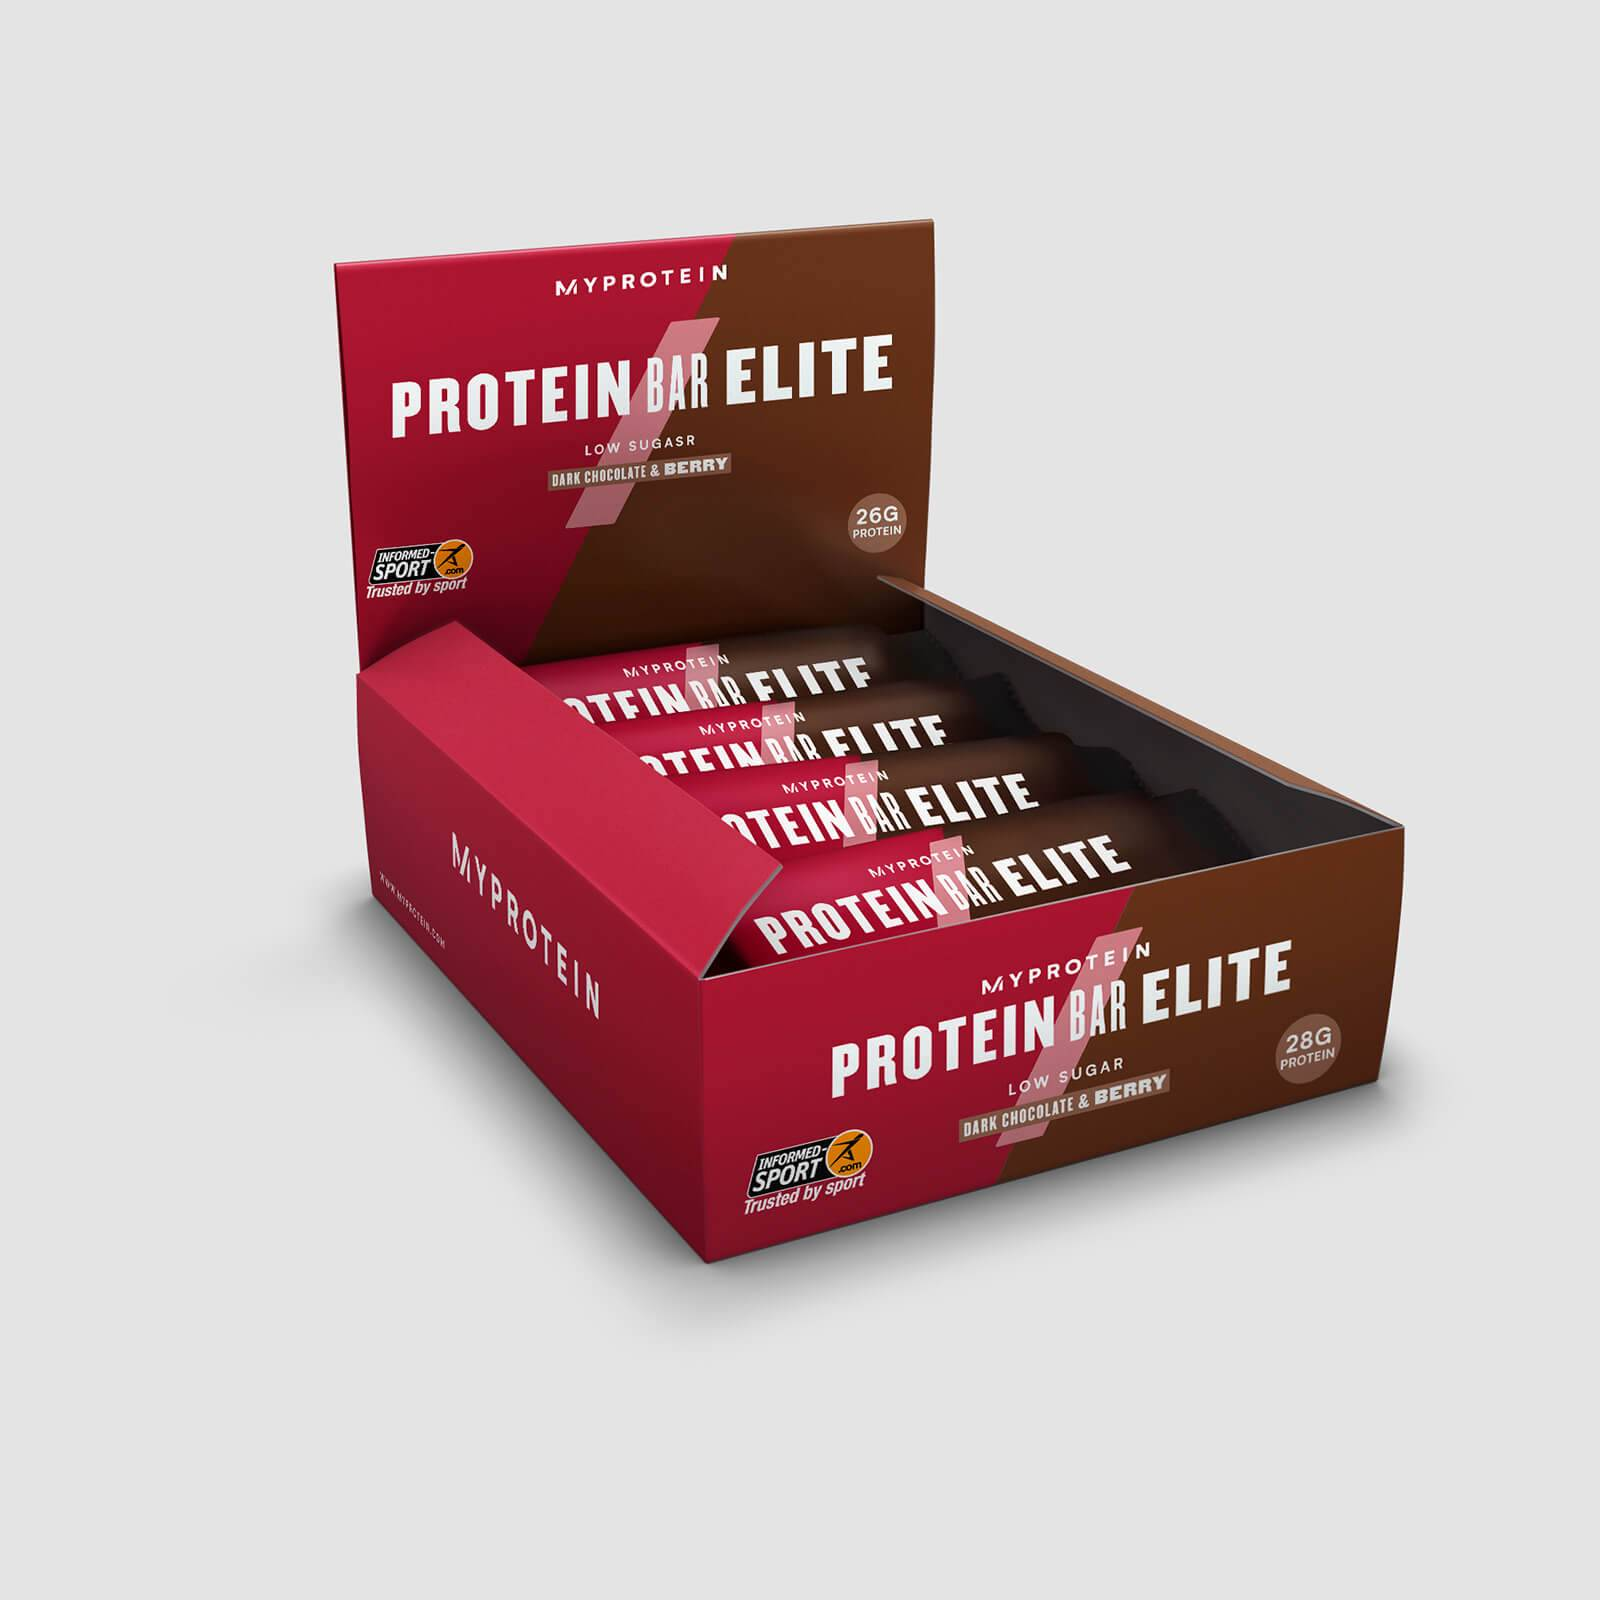 Myprotein Pro Bar Elite - Cioccolato fondente e bacche